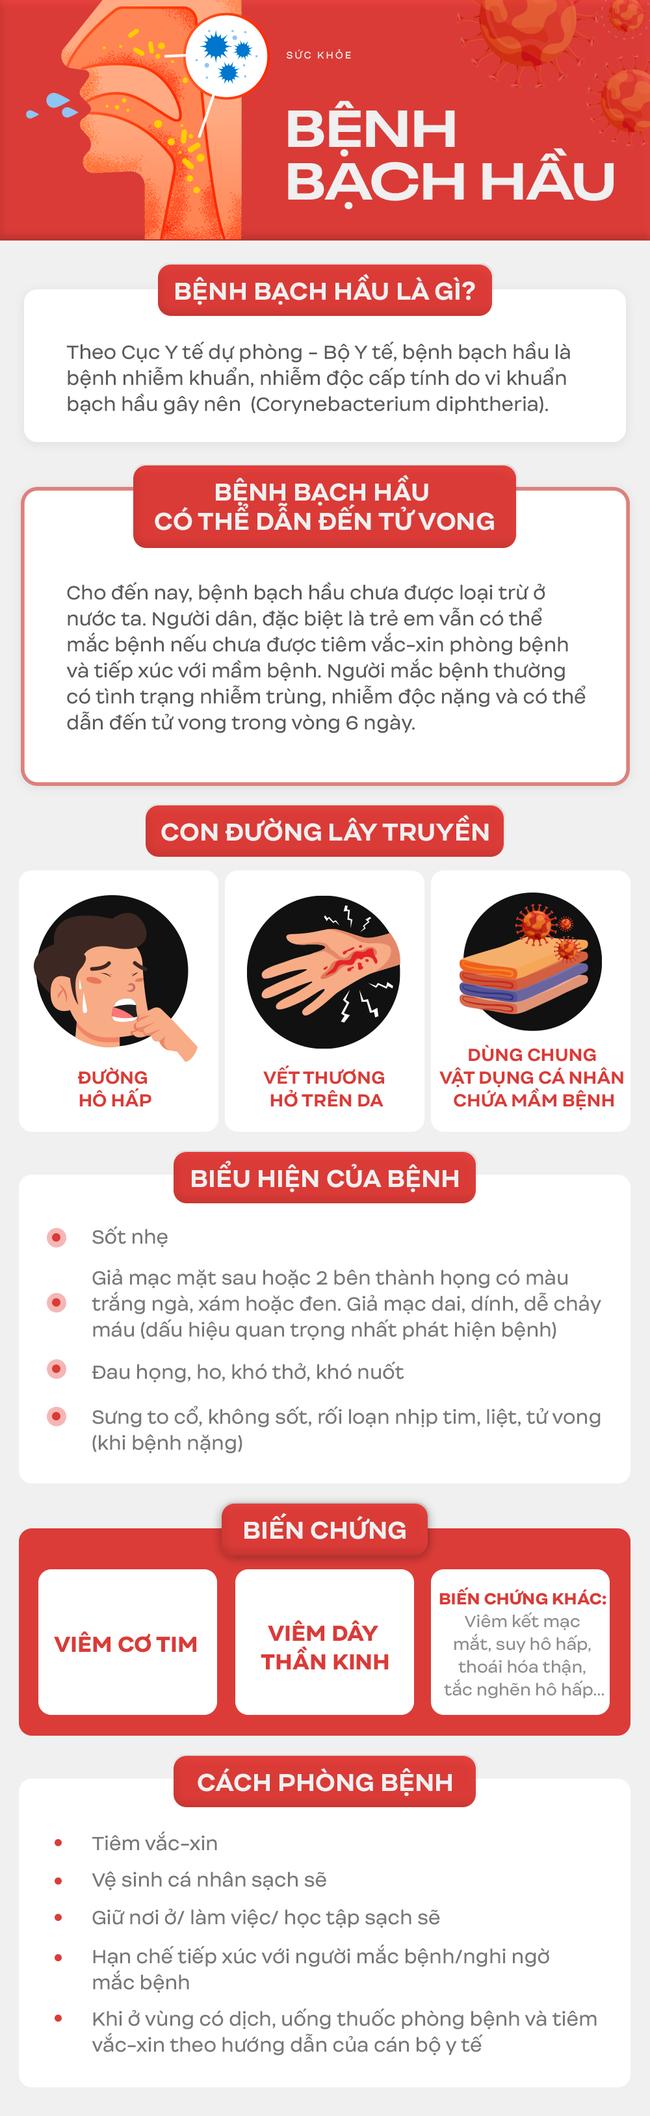 Liên tiếp xuất hiện các ổ bệnh bạch hầu tại Việt Nam: Đây là lý do bạch hầu có thể lây mạnh và vô cùng nguy hiểm cho tính mạng người bệnh - Ảnh 4.